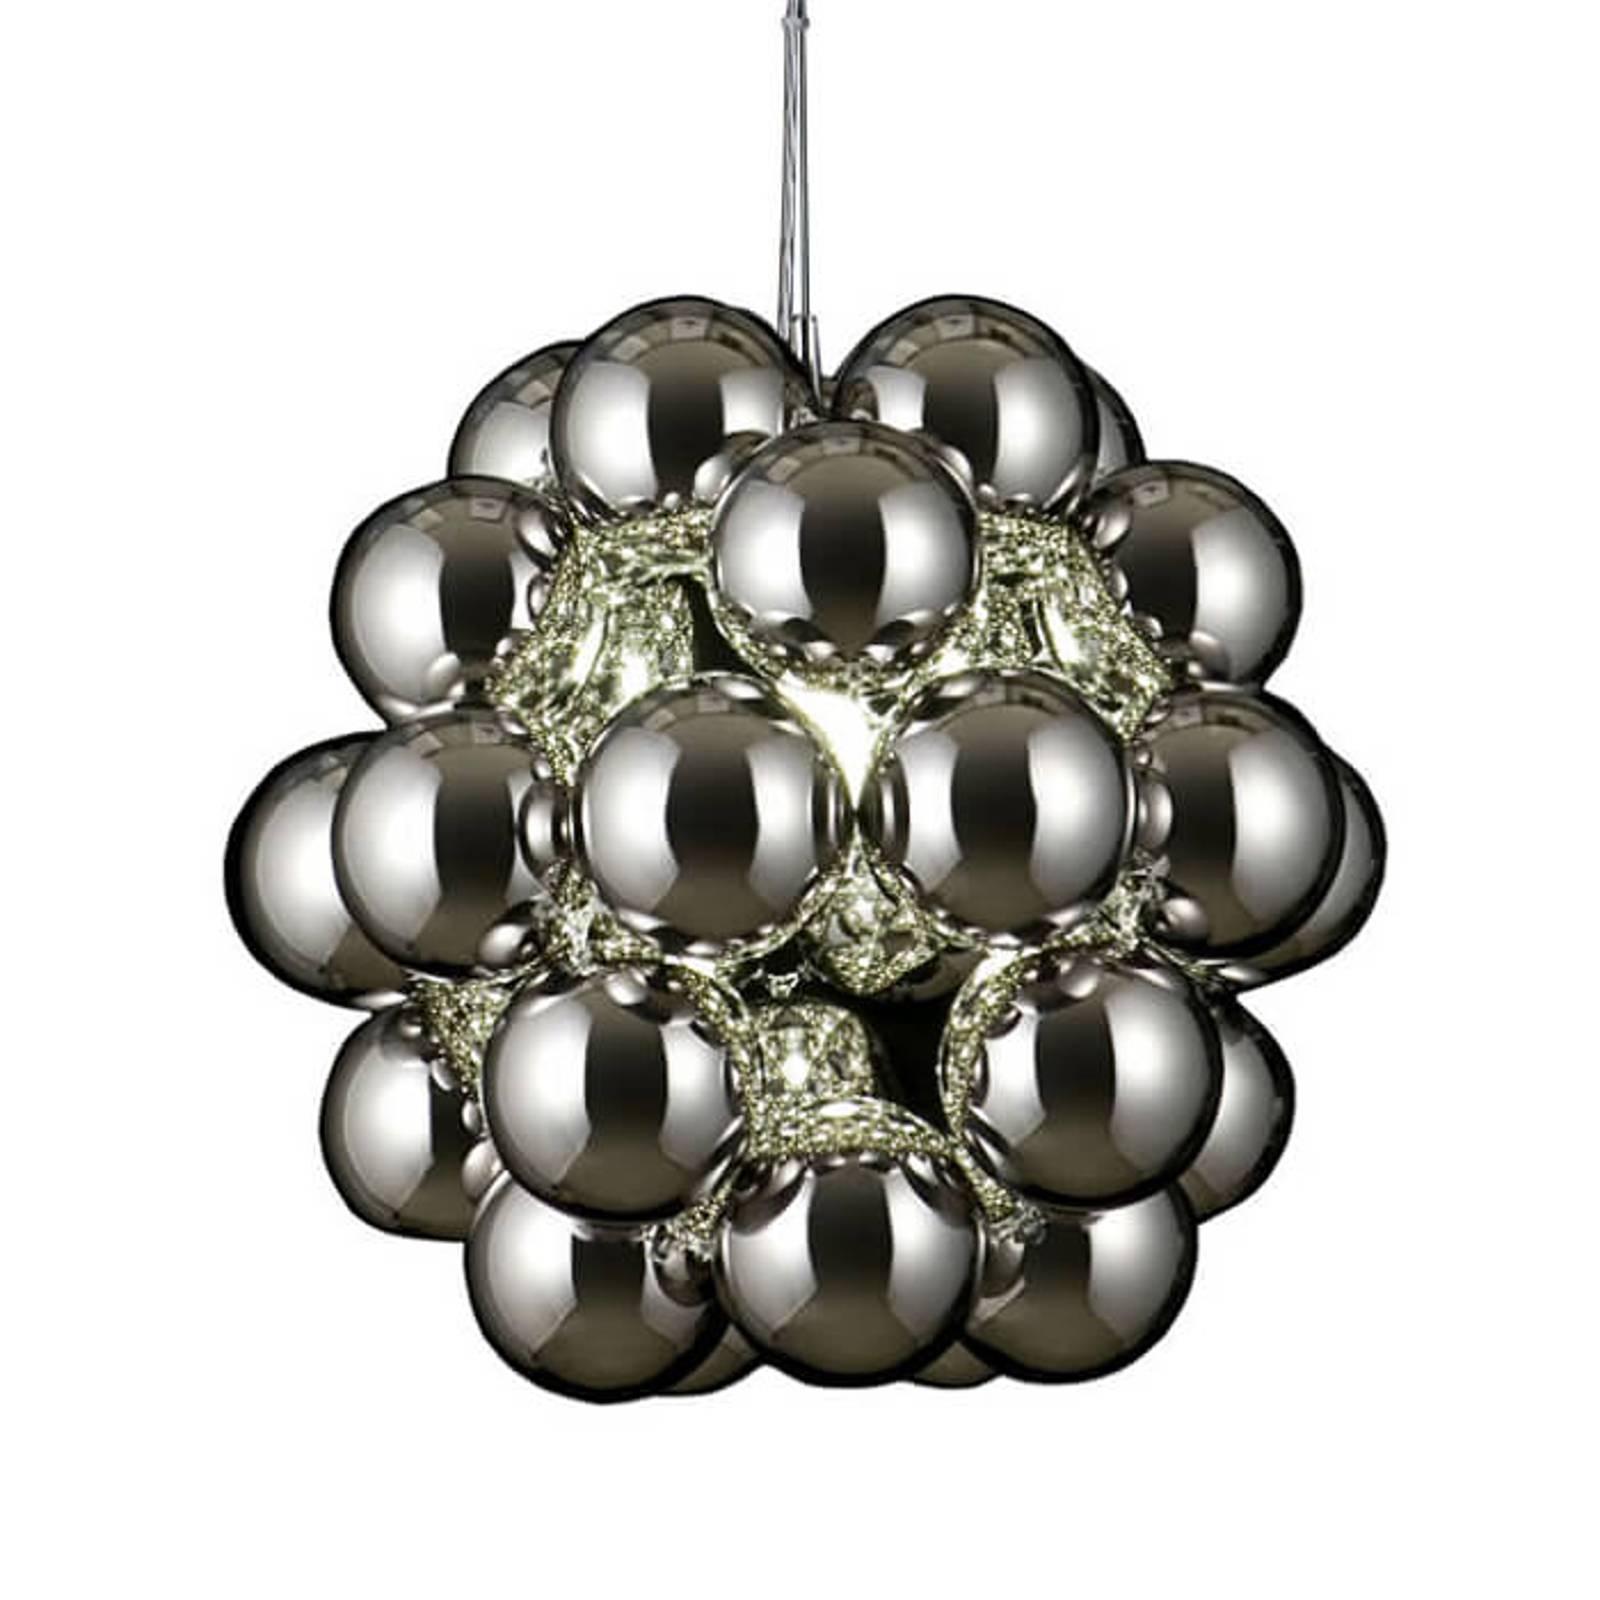 Innermost Beads Penta - hanglamp in chroom